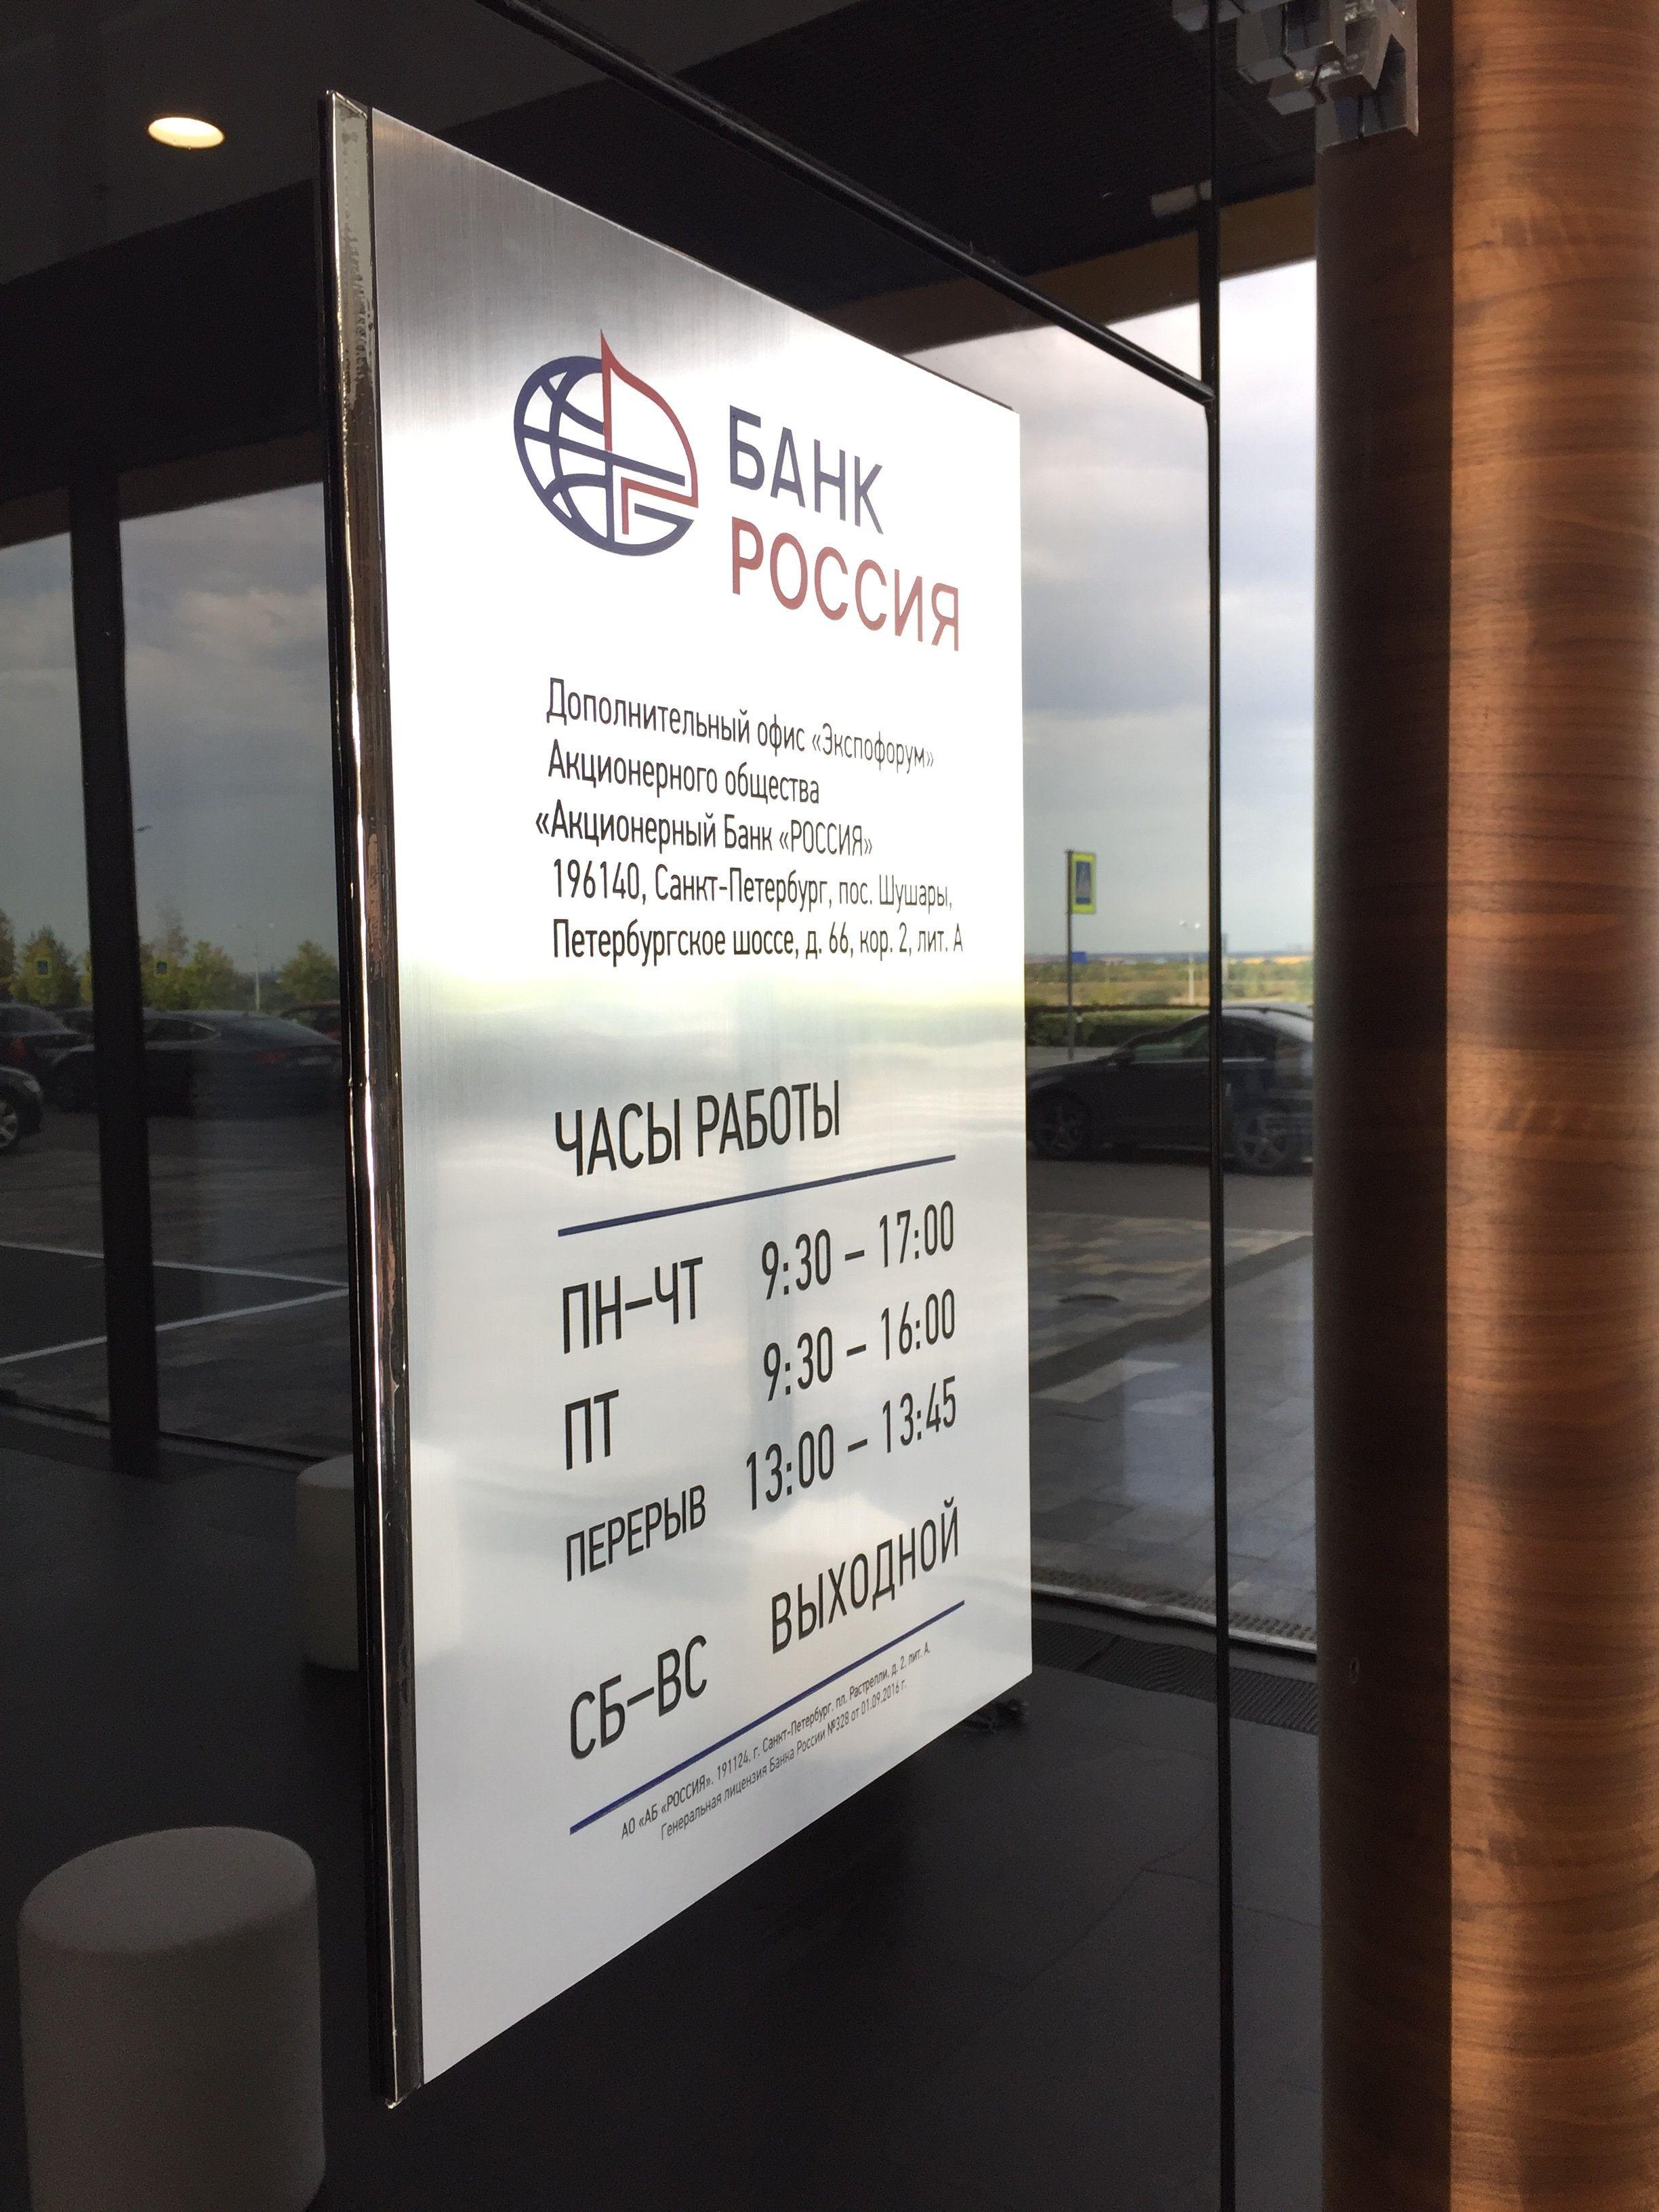 Таблички, дизайн, проектирование, интерьерное оформление, БАНК РОССИЯ, реклама, наружная реклама, логотип